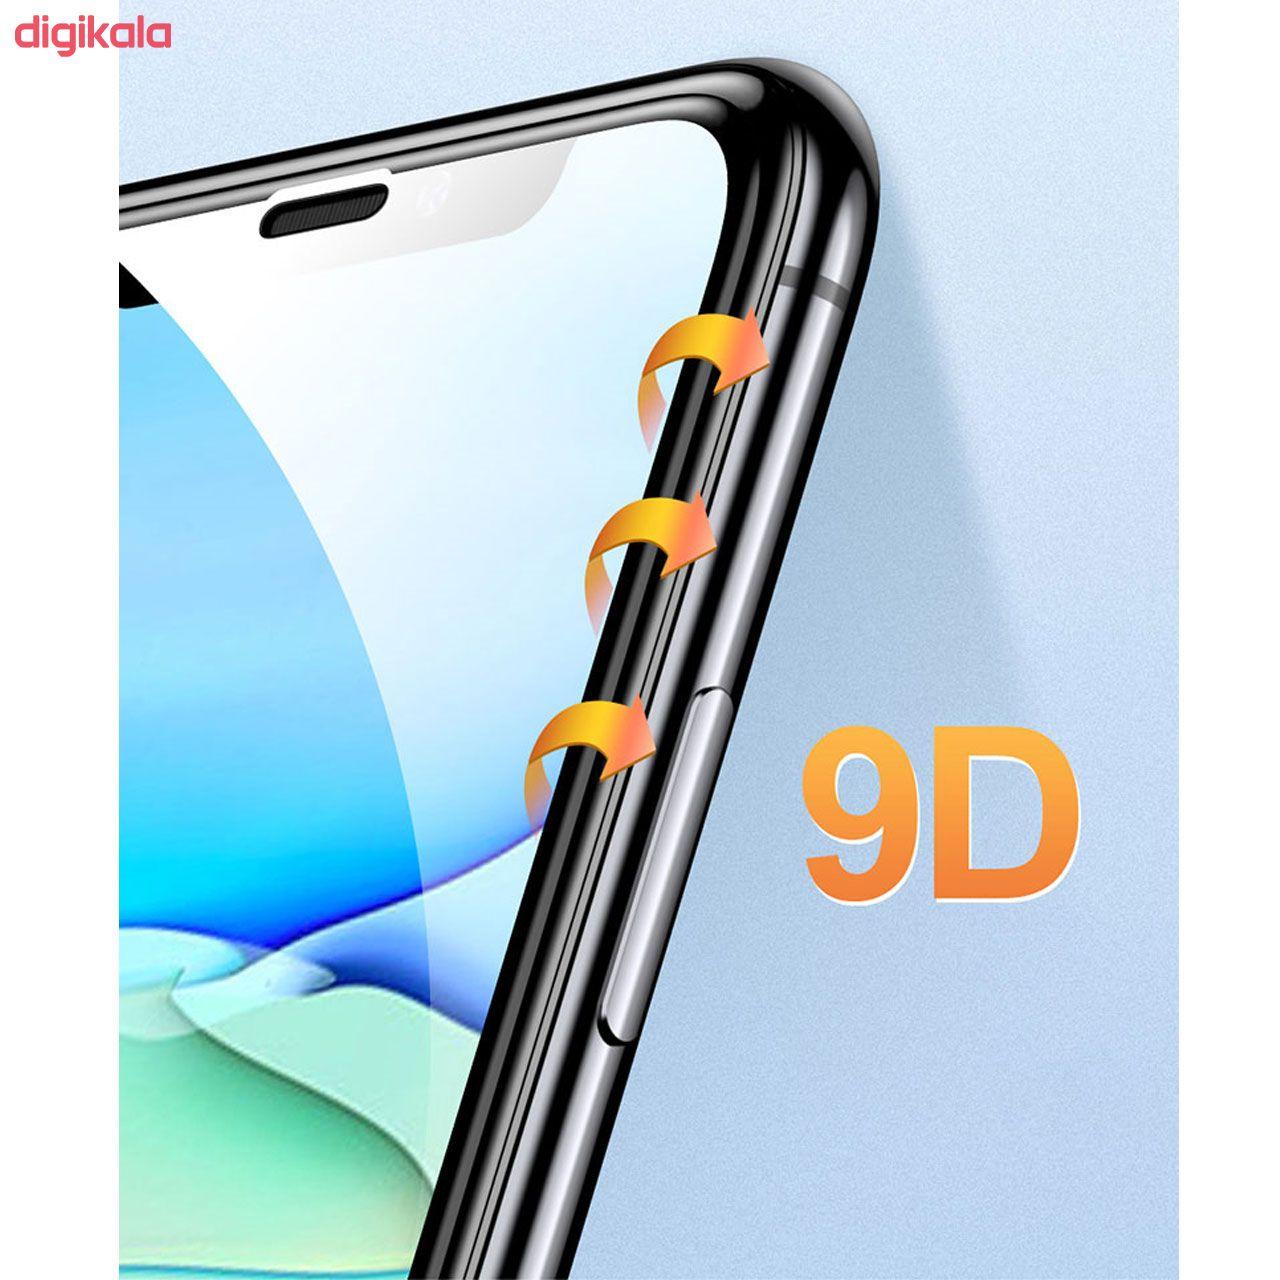 محافظ صفحه نمایش مدل FCG مناسب برای گوشی موبایل اپل iPhone 12 Pro Max main 1 6